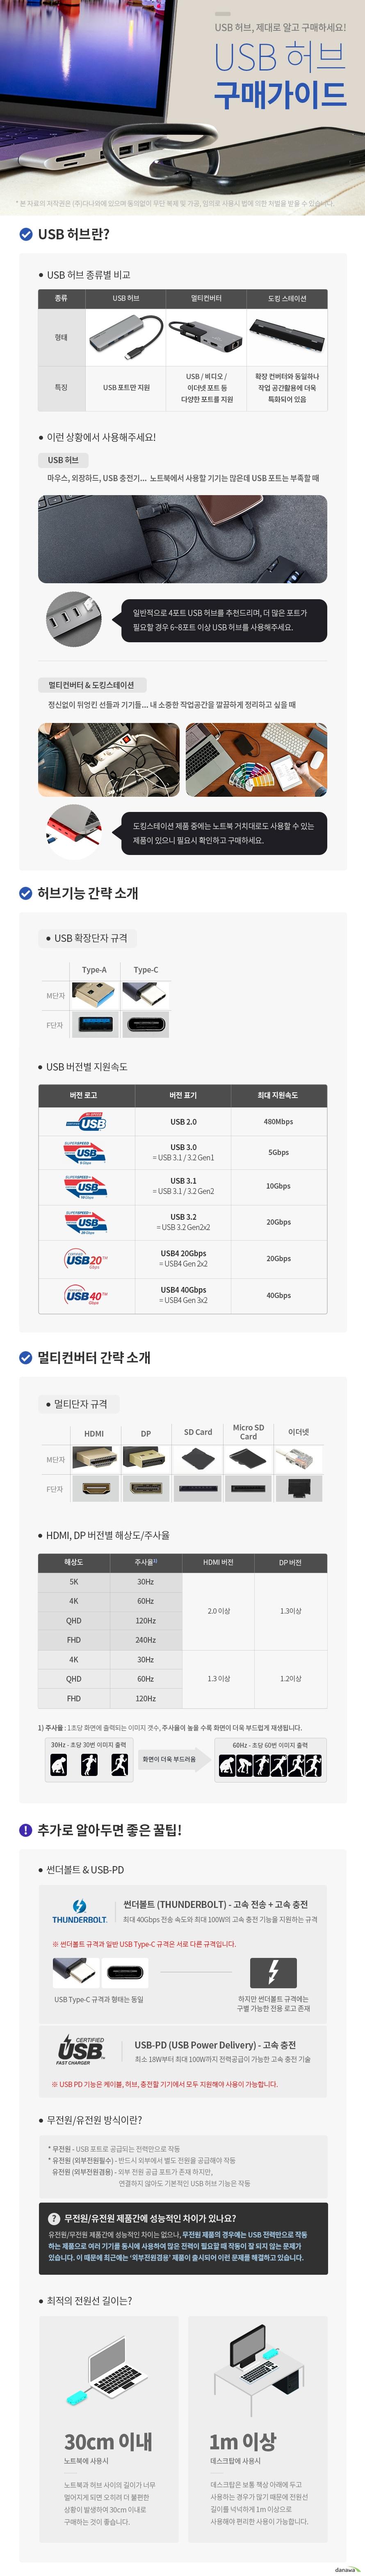 강원전자 NETmate NM-MCR01 (4포트/USB 3.0 Type C)